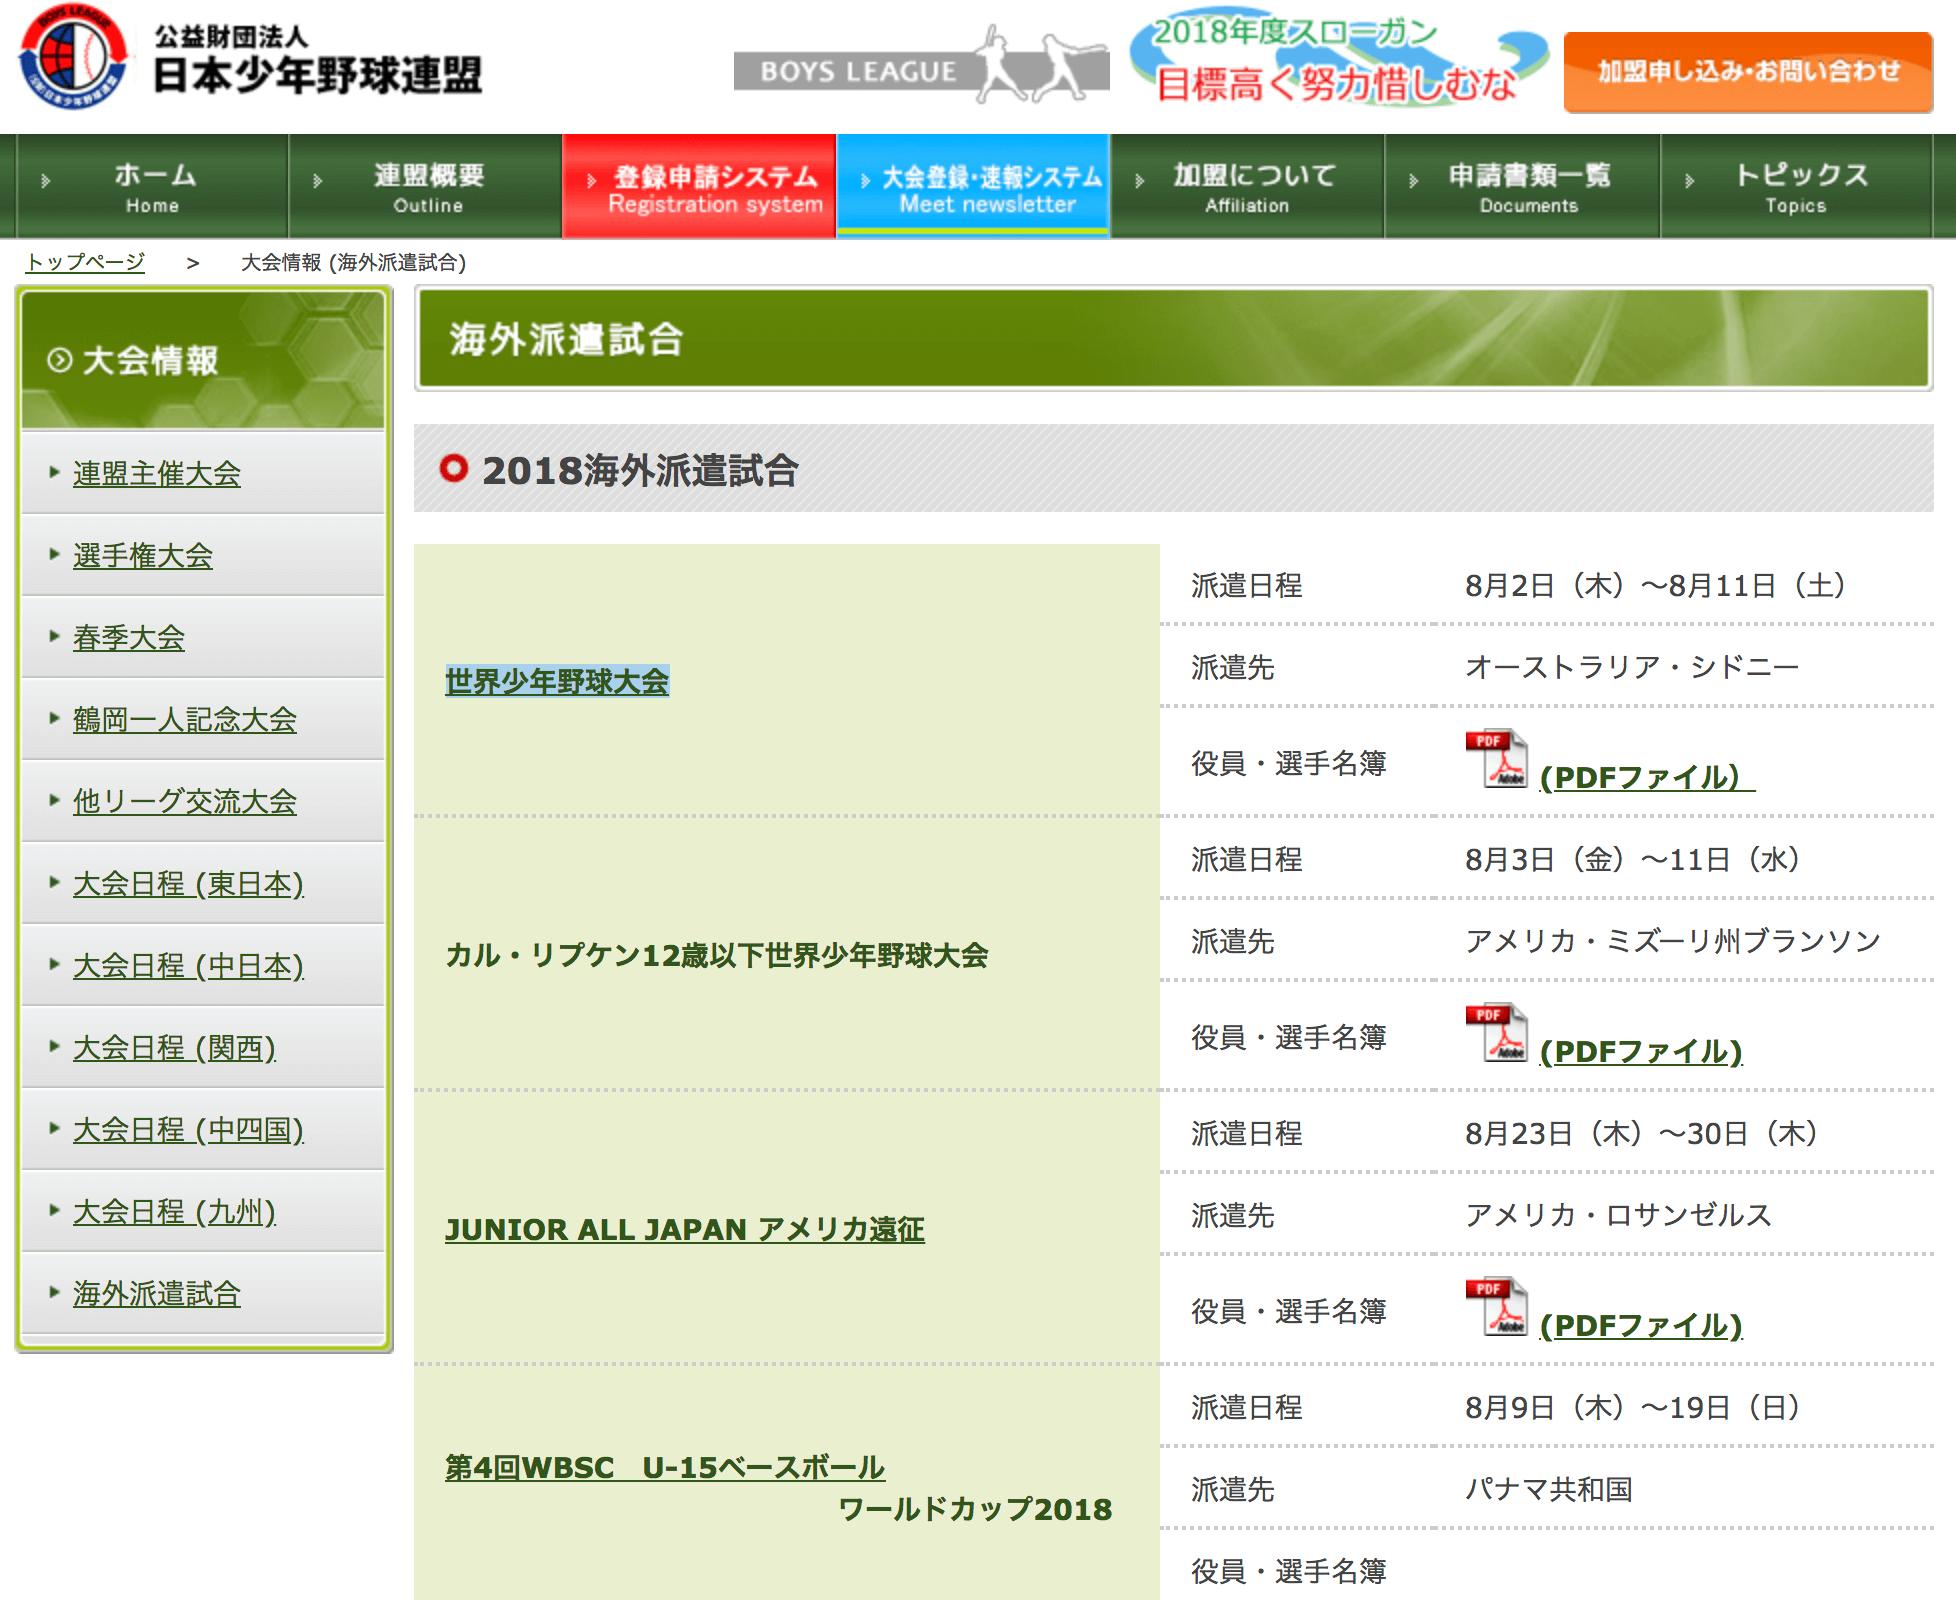 日本少年野球連盟のHP